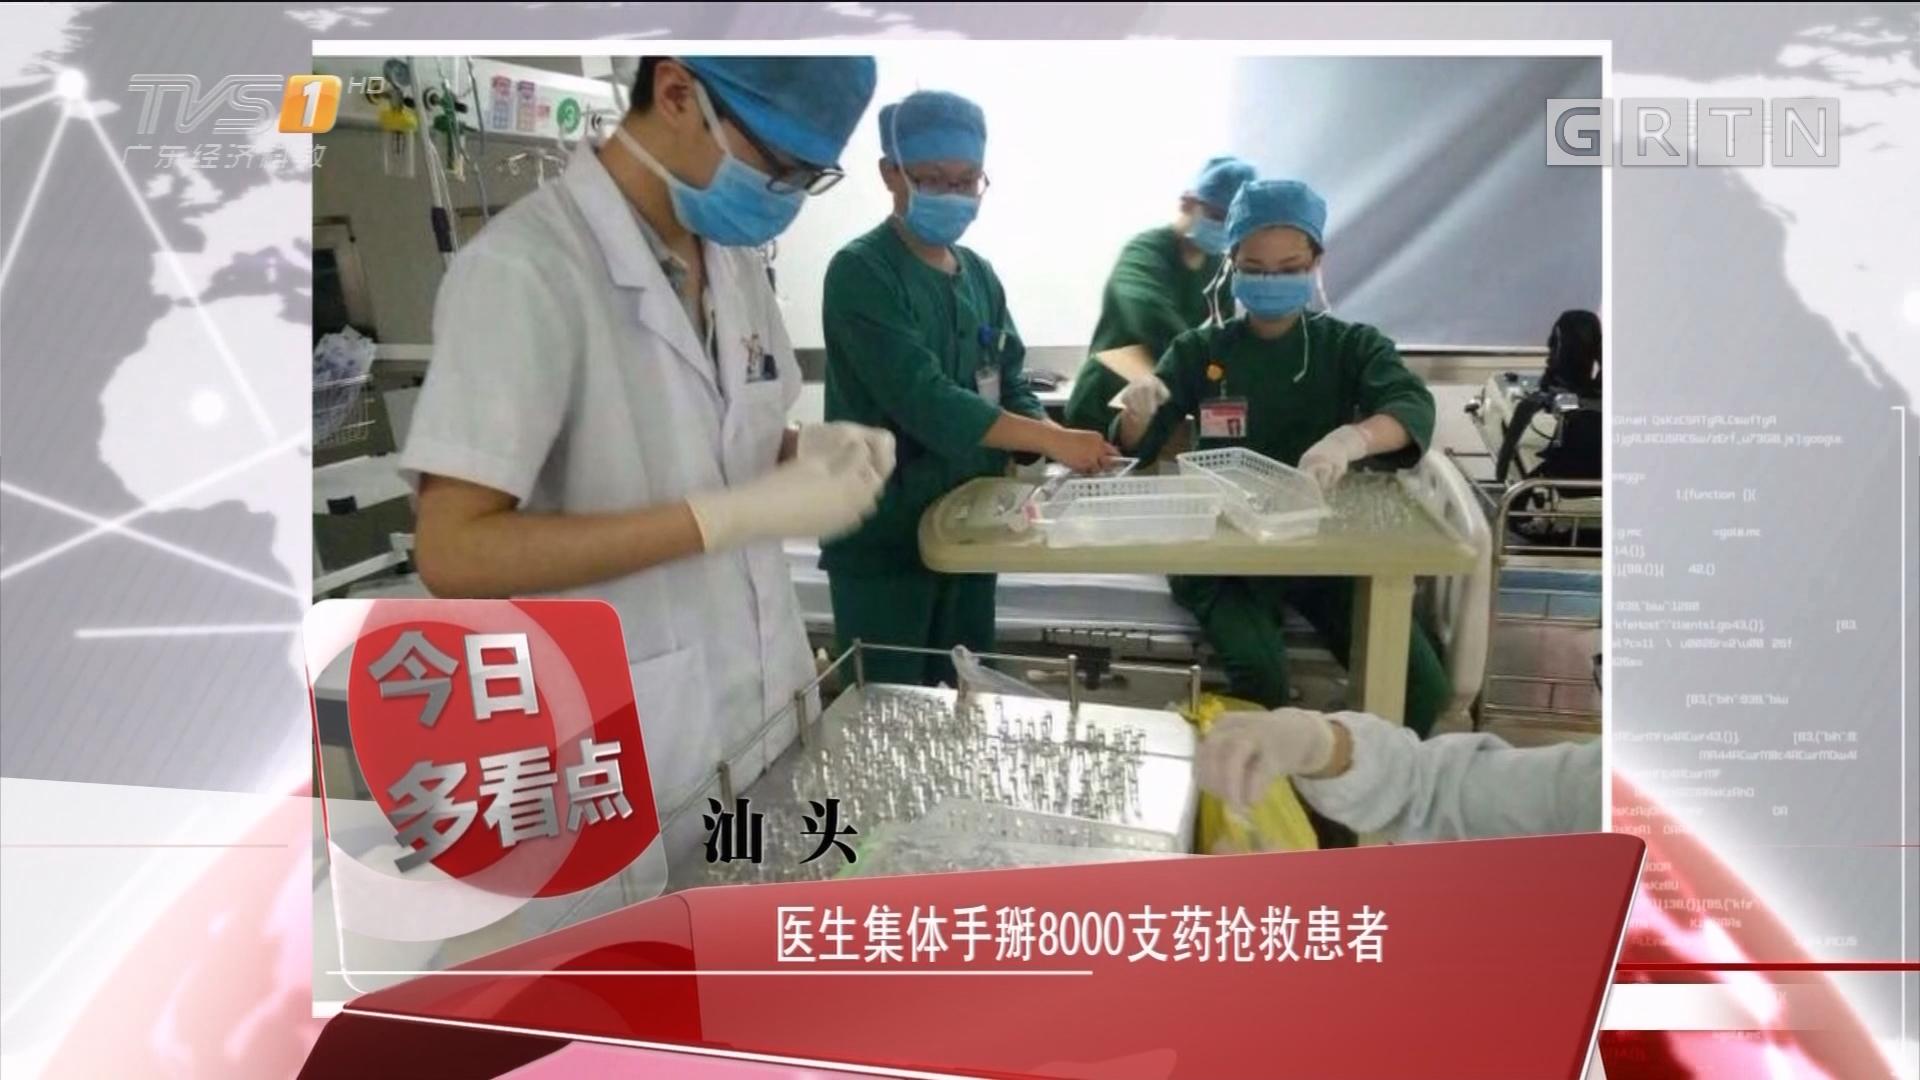 汕头:医生集体手掰8000支药抢救患者